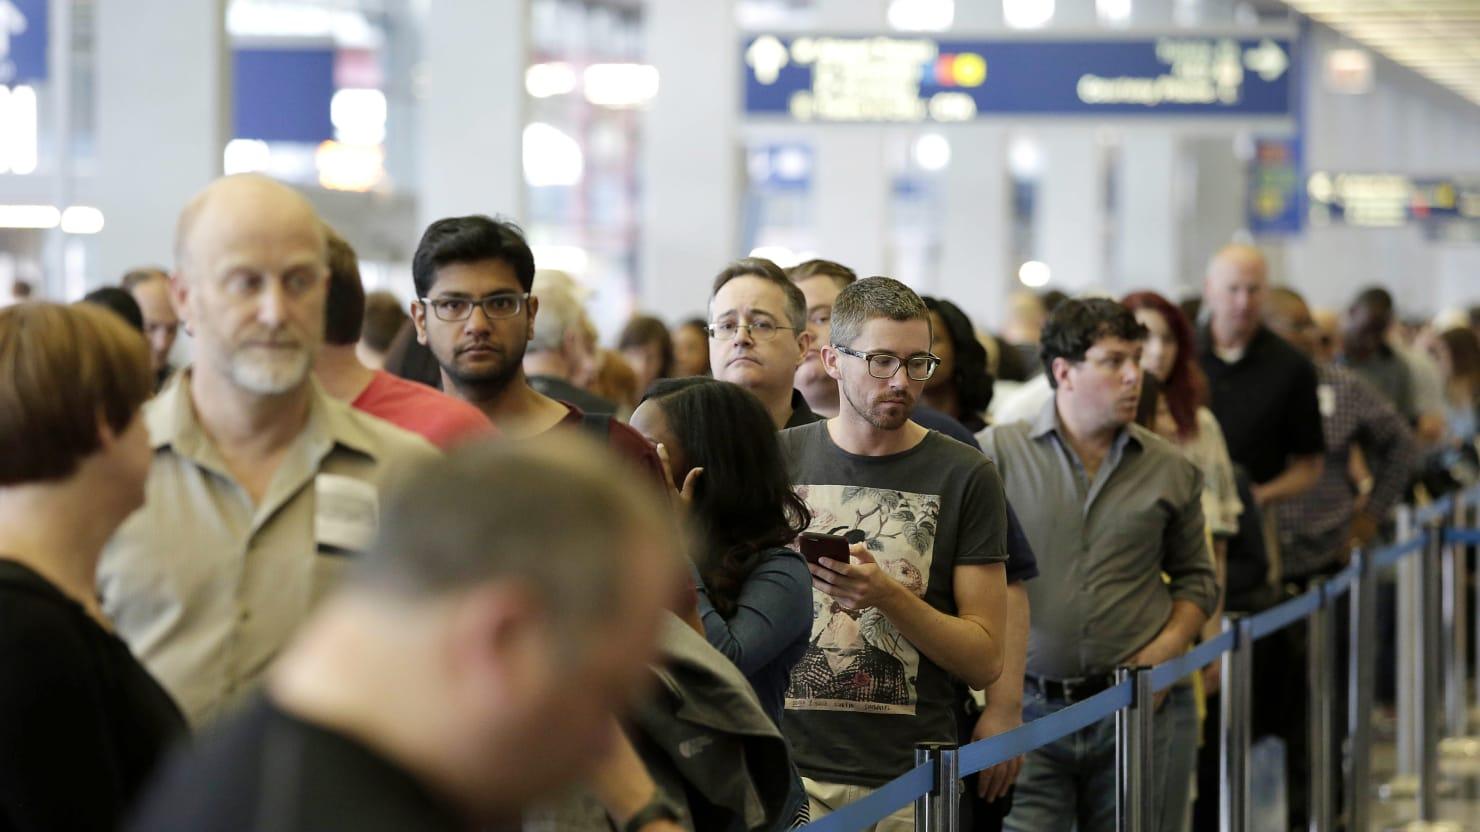 Stuck Waiting At Airport Security Blame This Company And Tsa